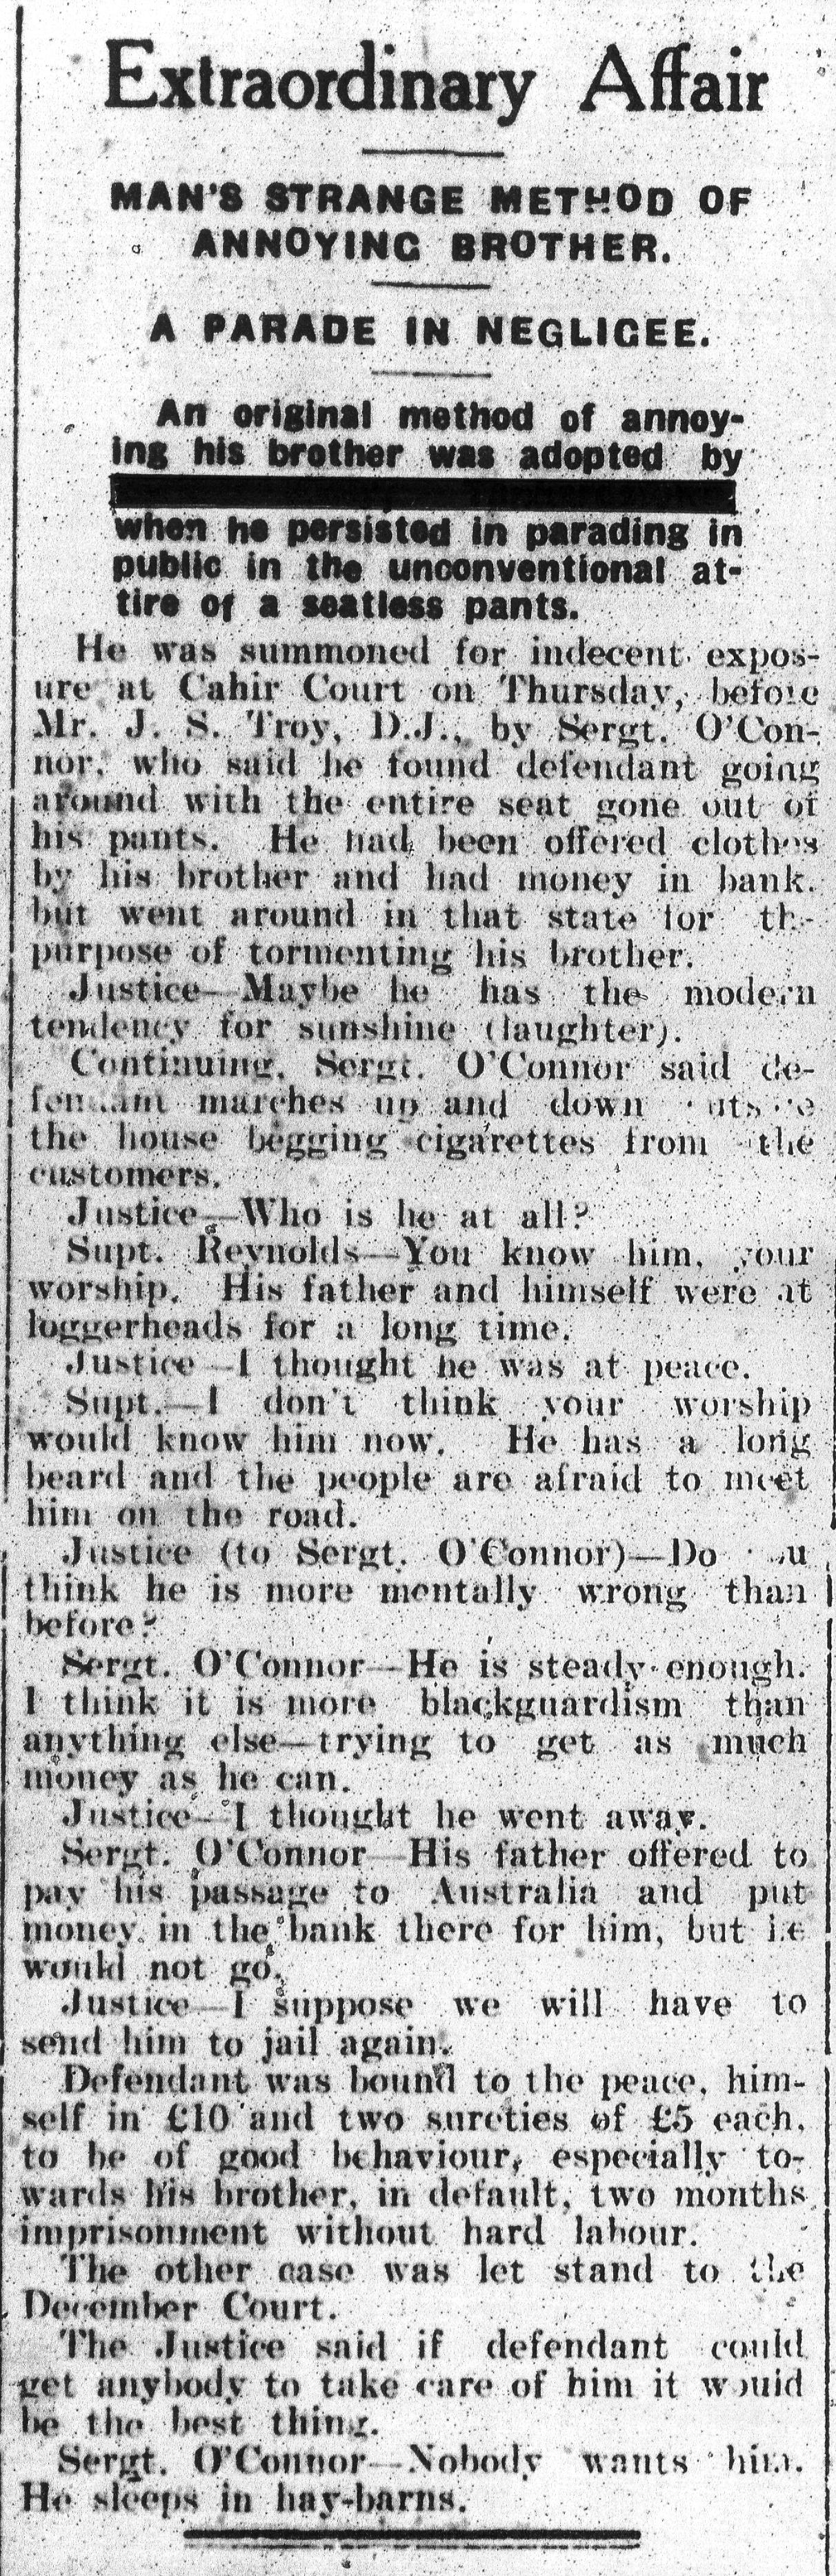 chronicle-21-10-1933-idecent-exposure